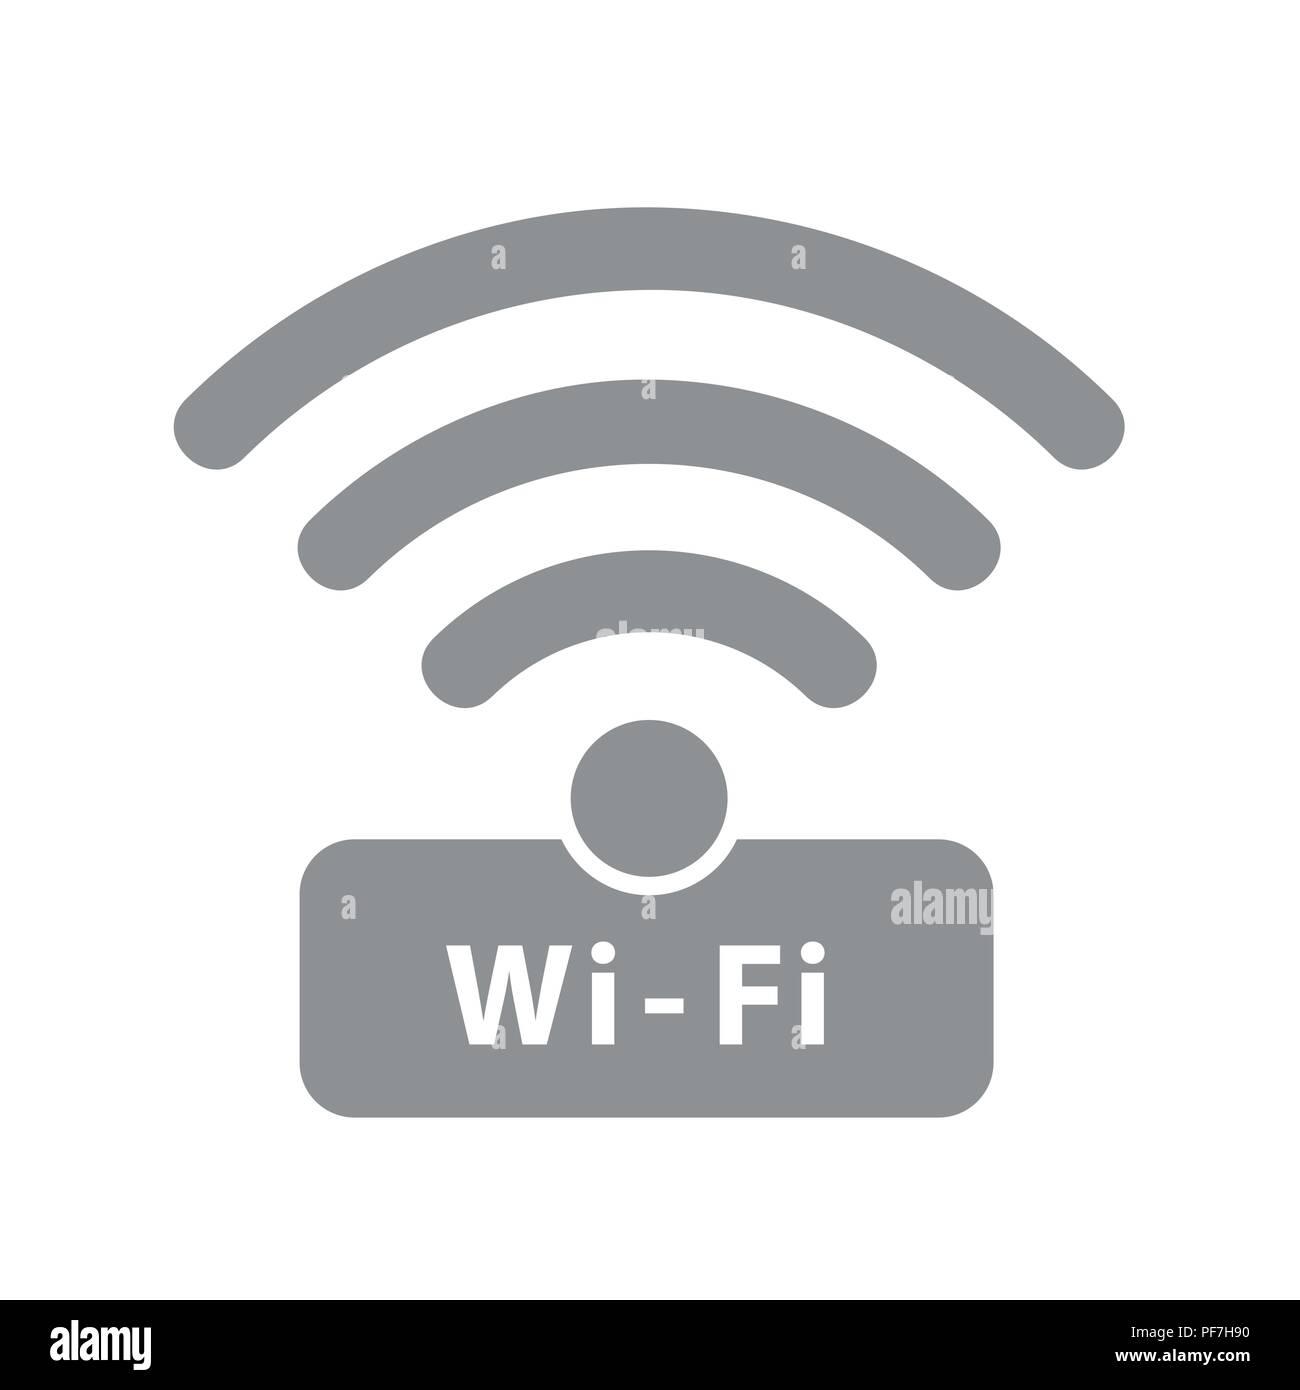 Conexión Wi-Fi gratuita símbolo gris ilustración vectorial EPS10 Imagen De Stock